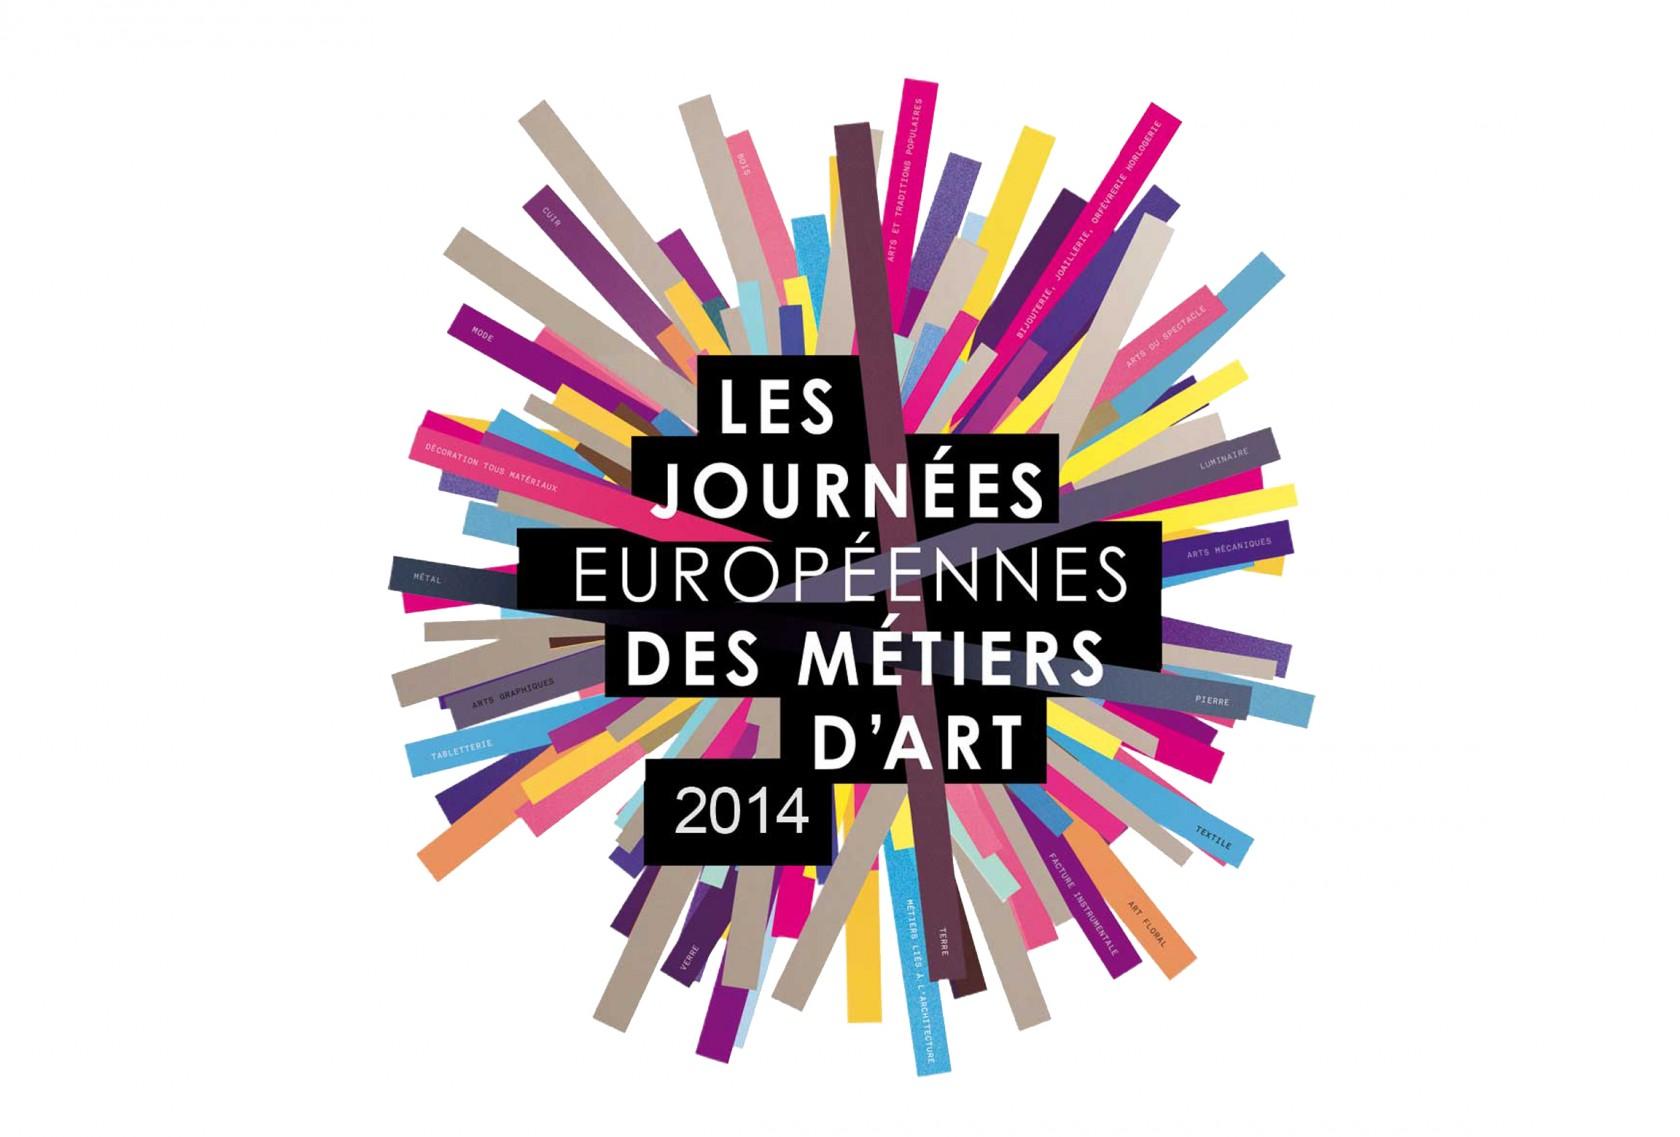 Ludovic AVENEL : ébéniste créateur -  Ludovic_Avenel_news_les_journées_européennes_des_métiers_d'art_2014_ebeniste_créateur_design_sur mesure_1